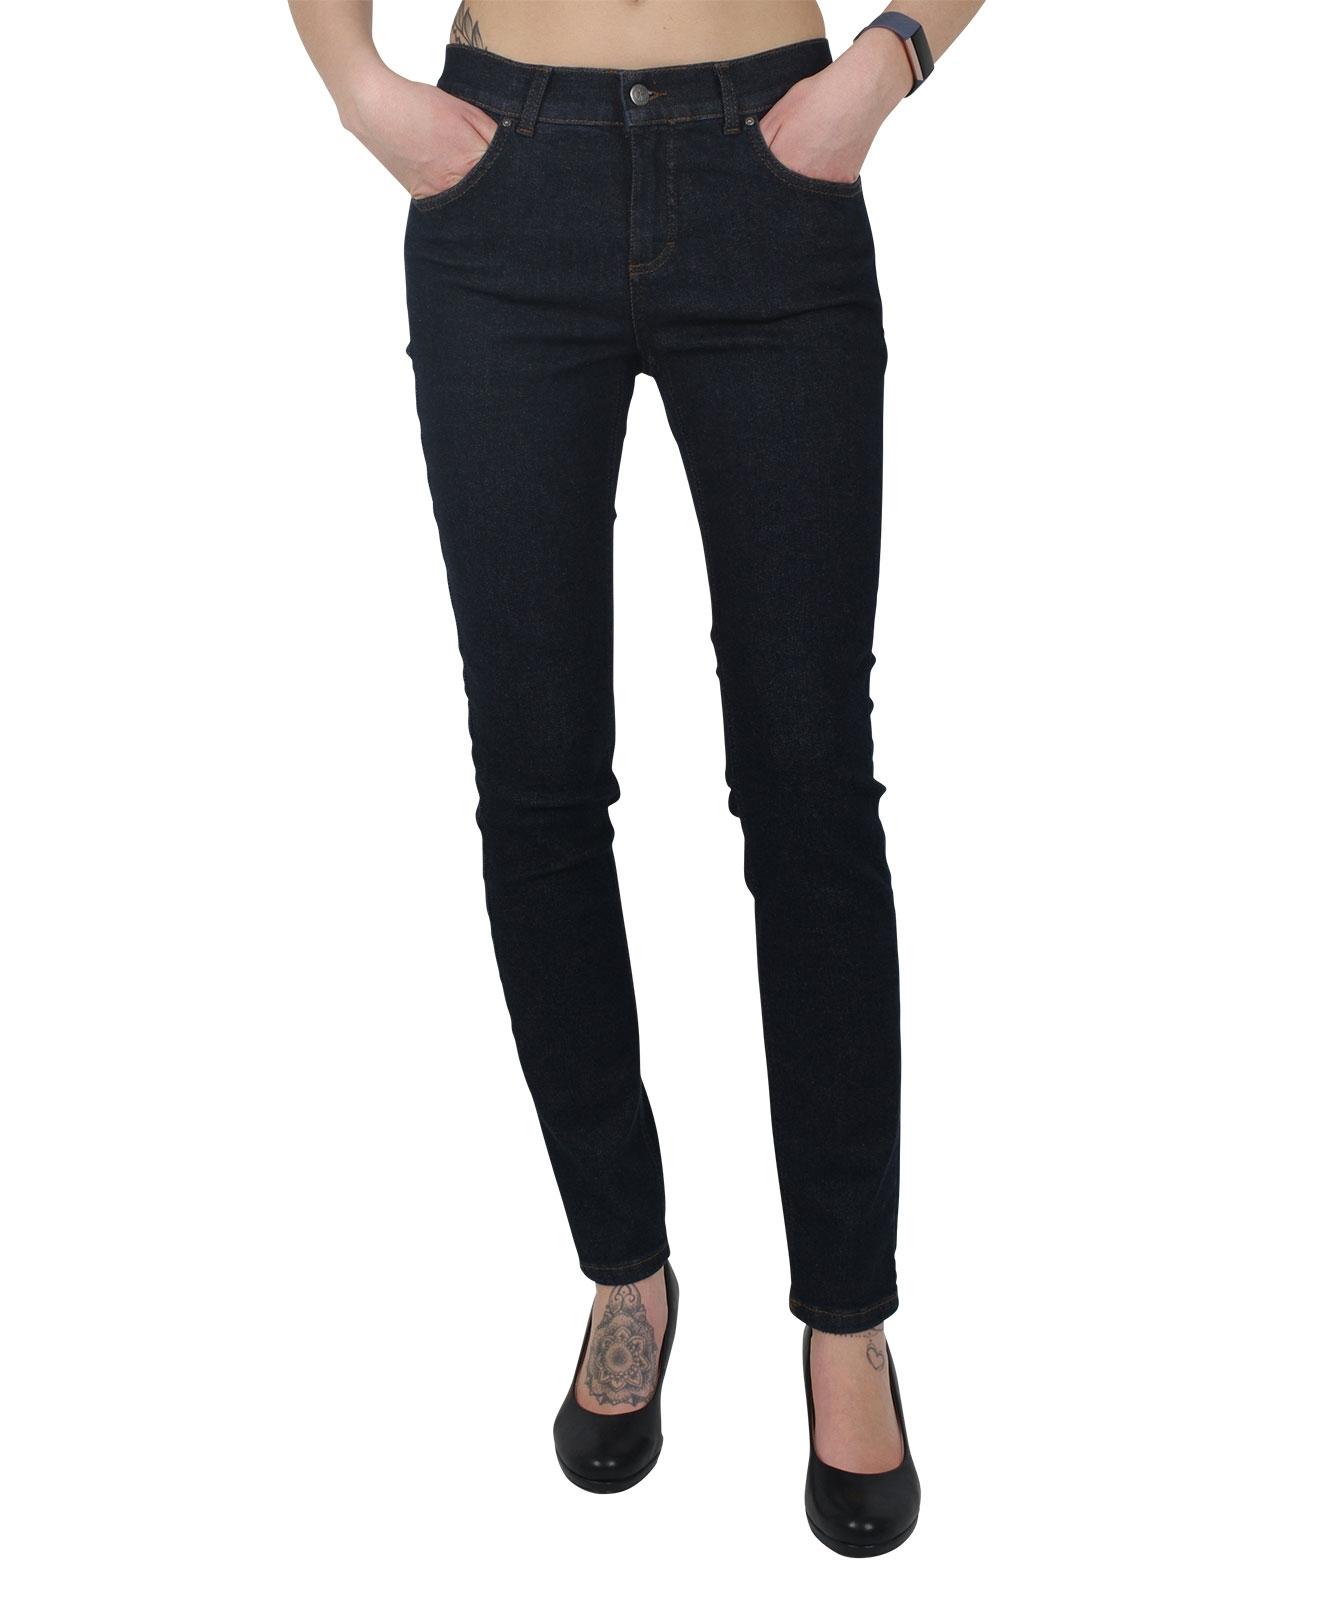 Hosen - Angels Jeans Röhre Skinny in Dark  - Onlineshop Jeans Meile